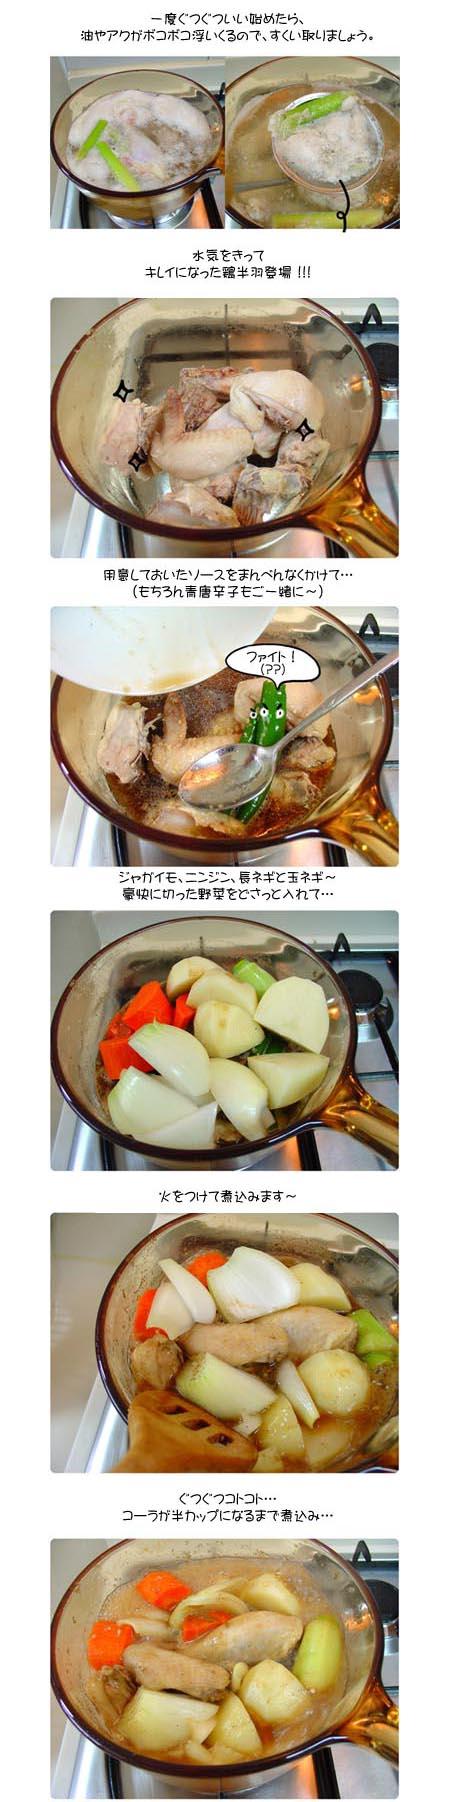 韓国料理のチムタク